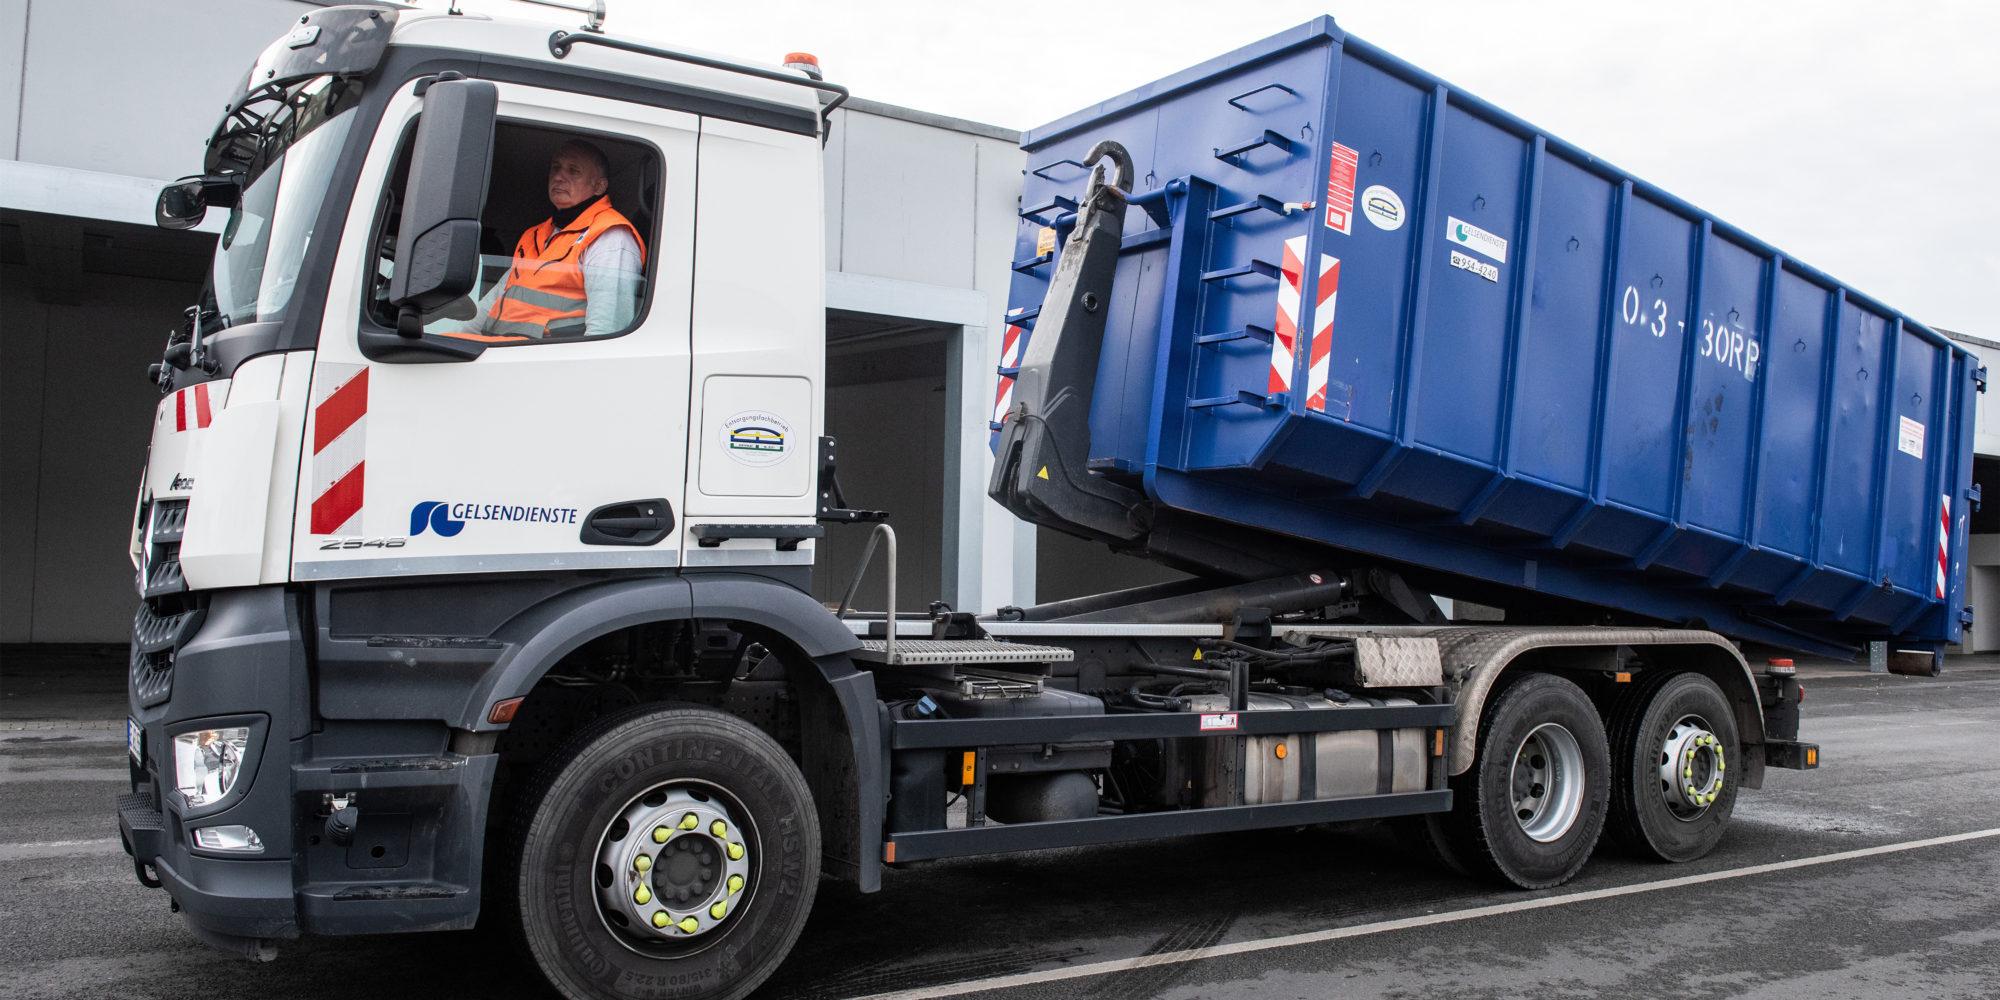 Ein GELSENDIENSTE Container wird von einem Fahrzeug abgerollt.